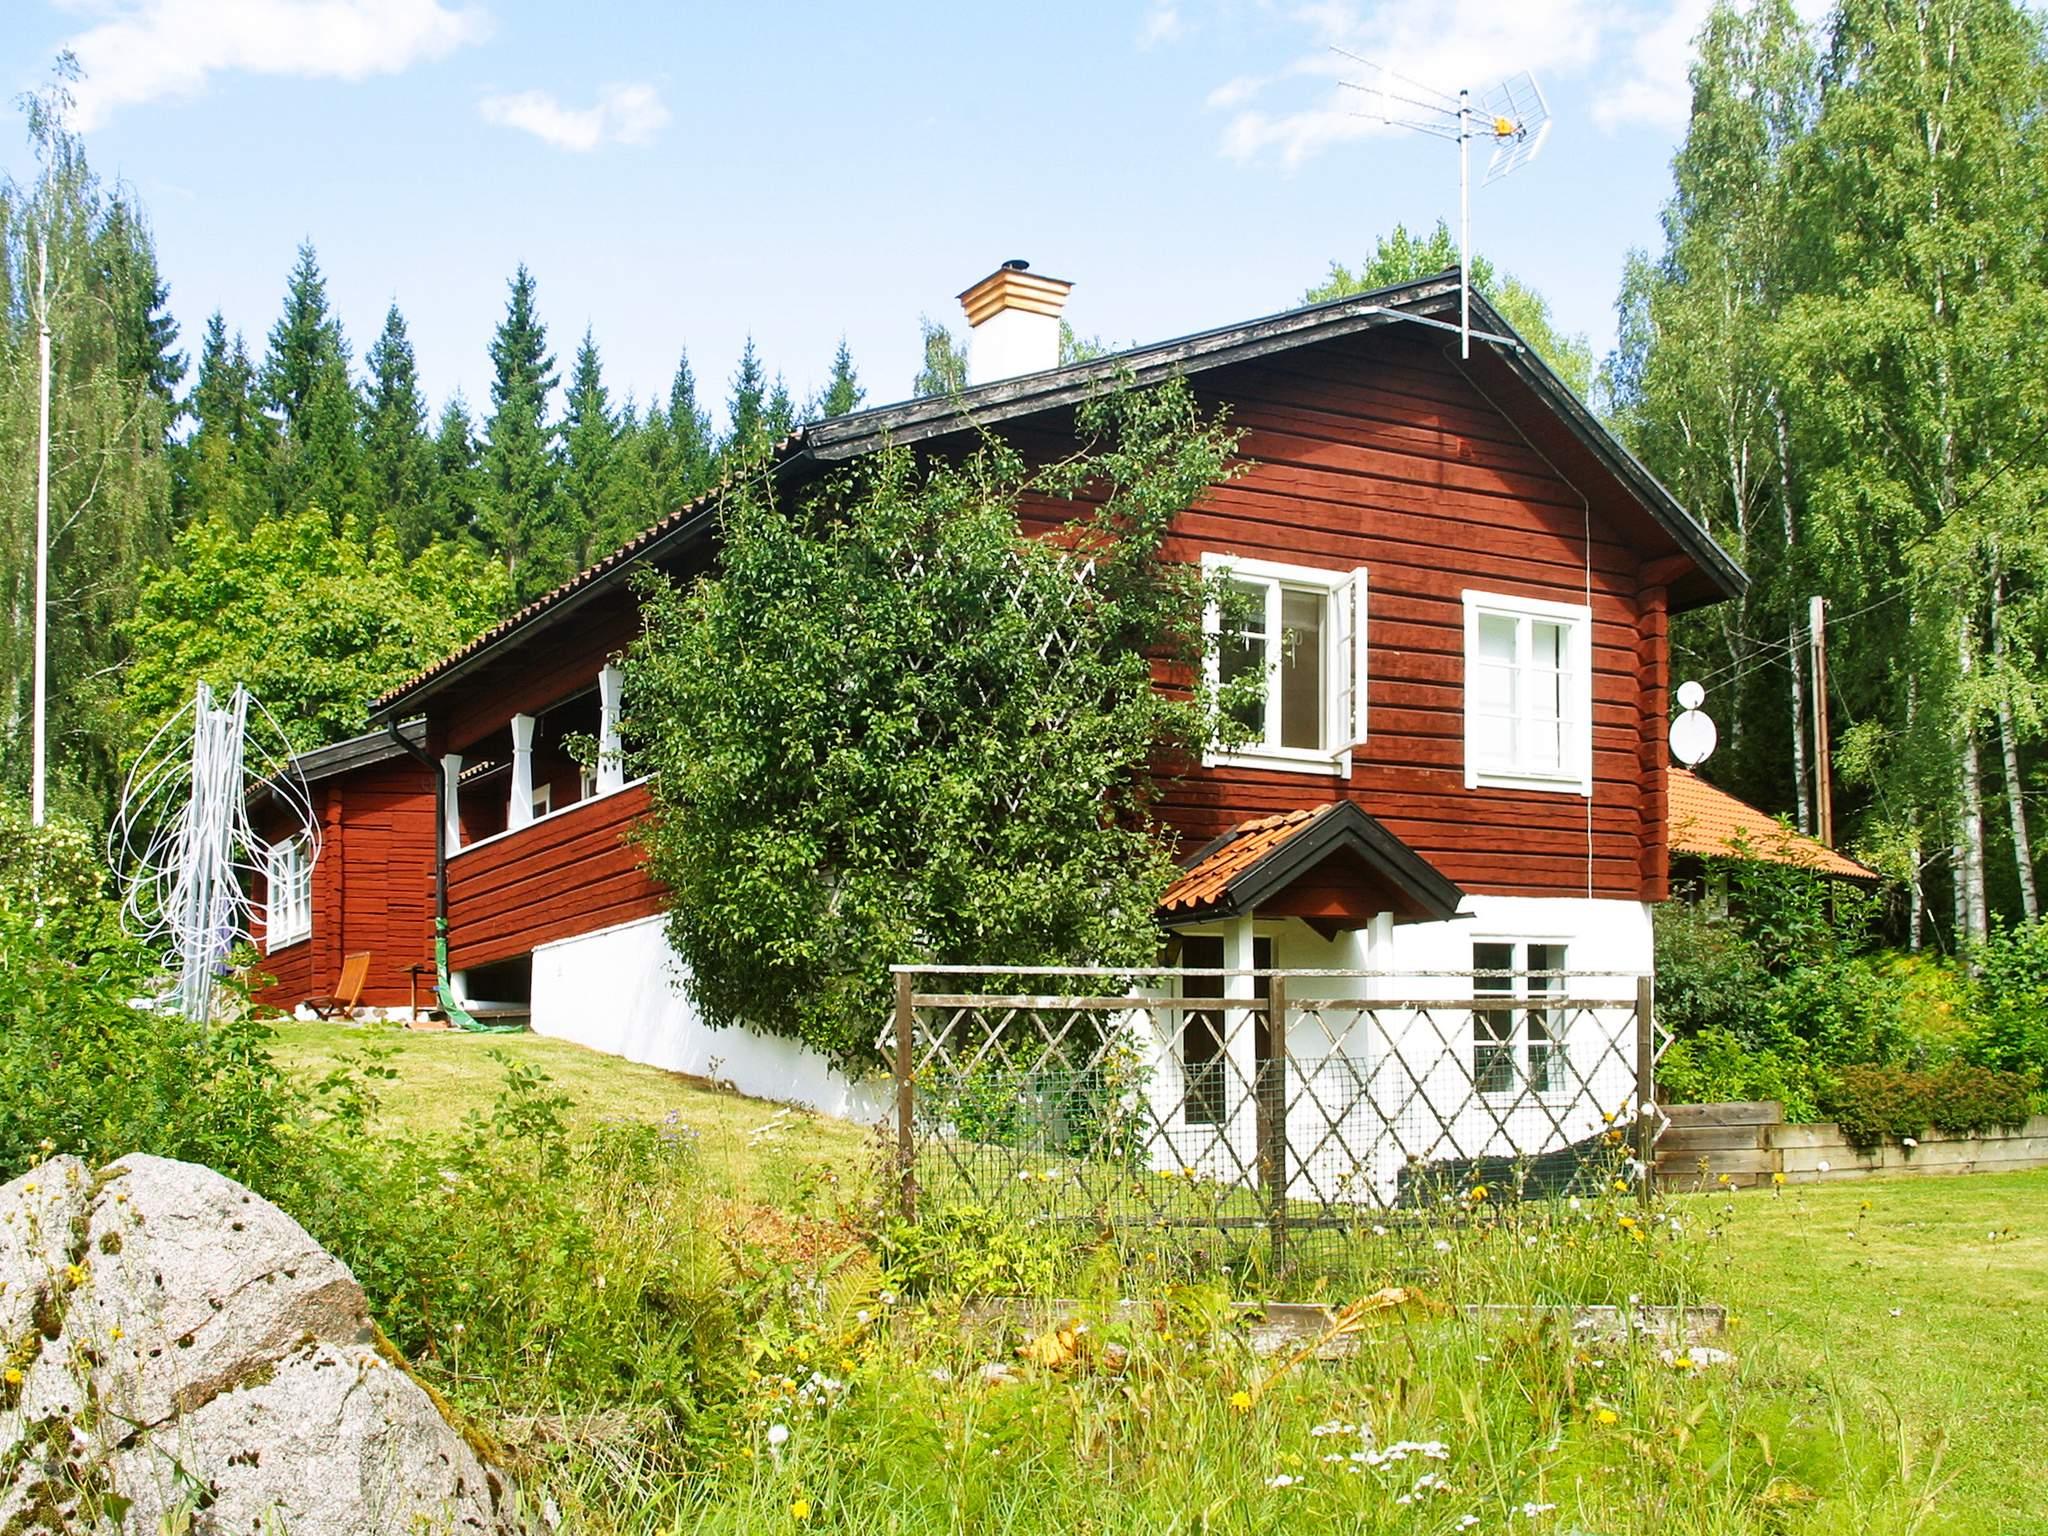 Ferienhaus Köping (953852), Köping, Västmanlands län, Mittelschweden, Schweden, Bild 16